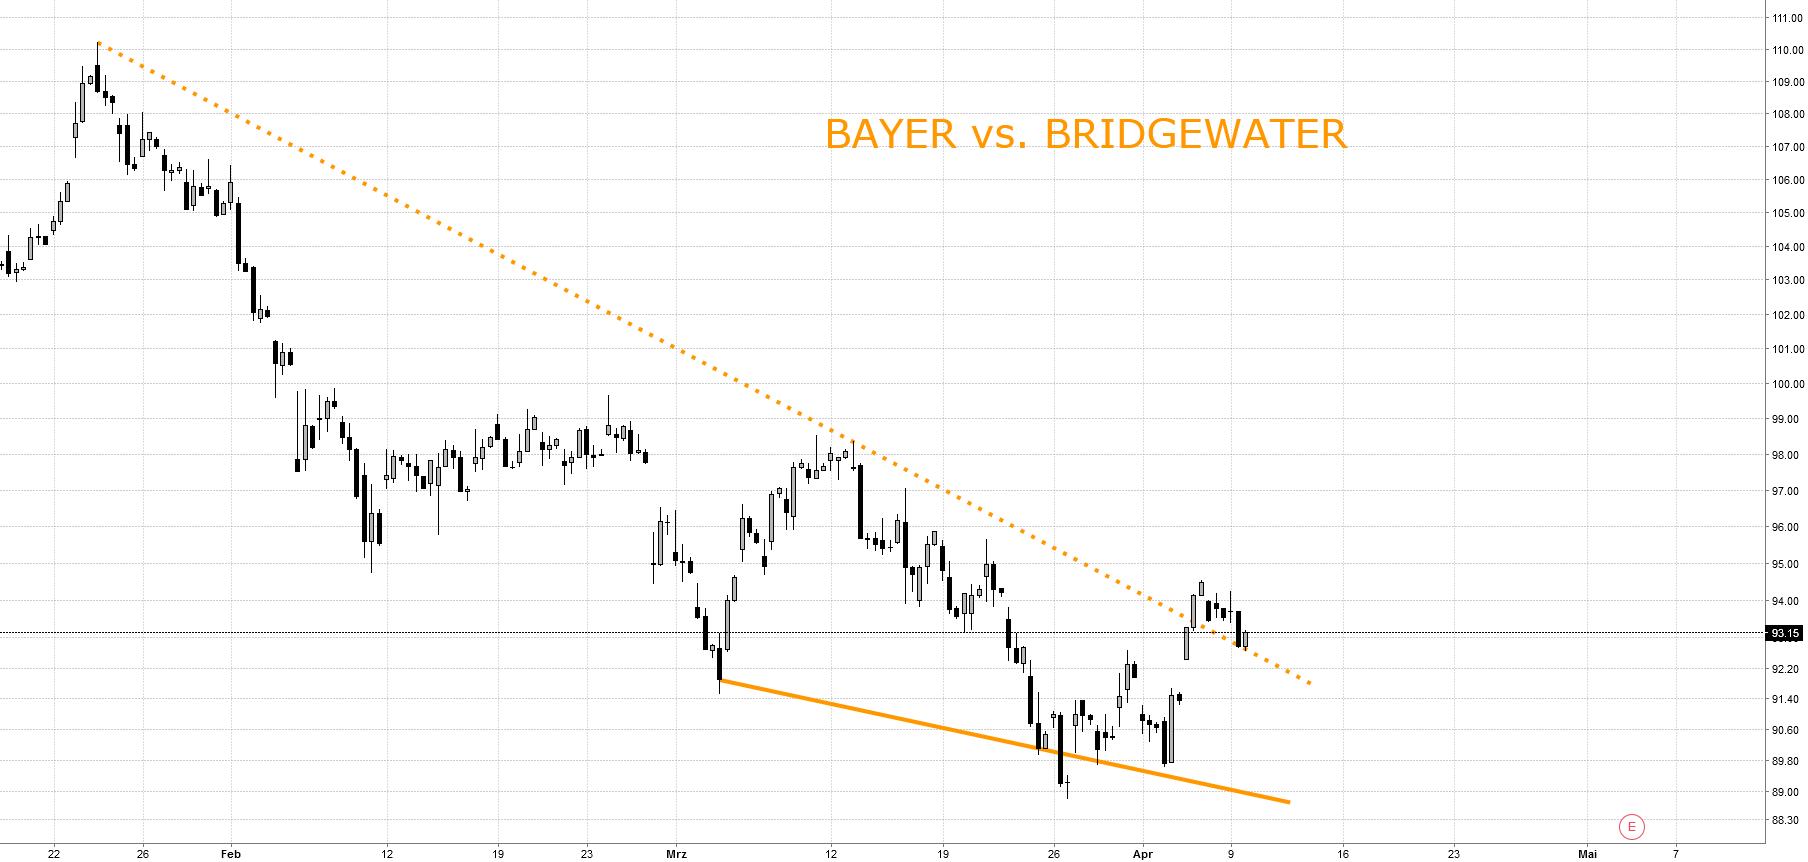 BAYER vs. BRIDGEWATER